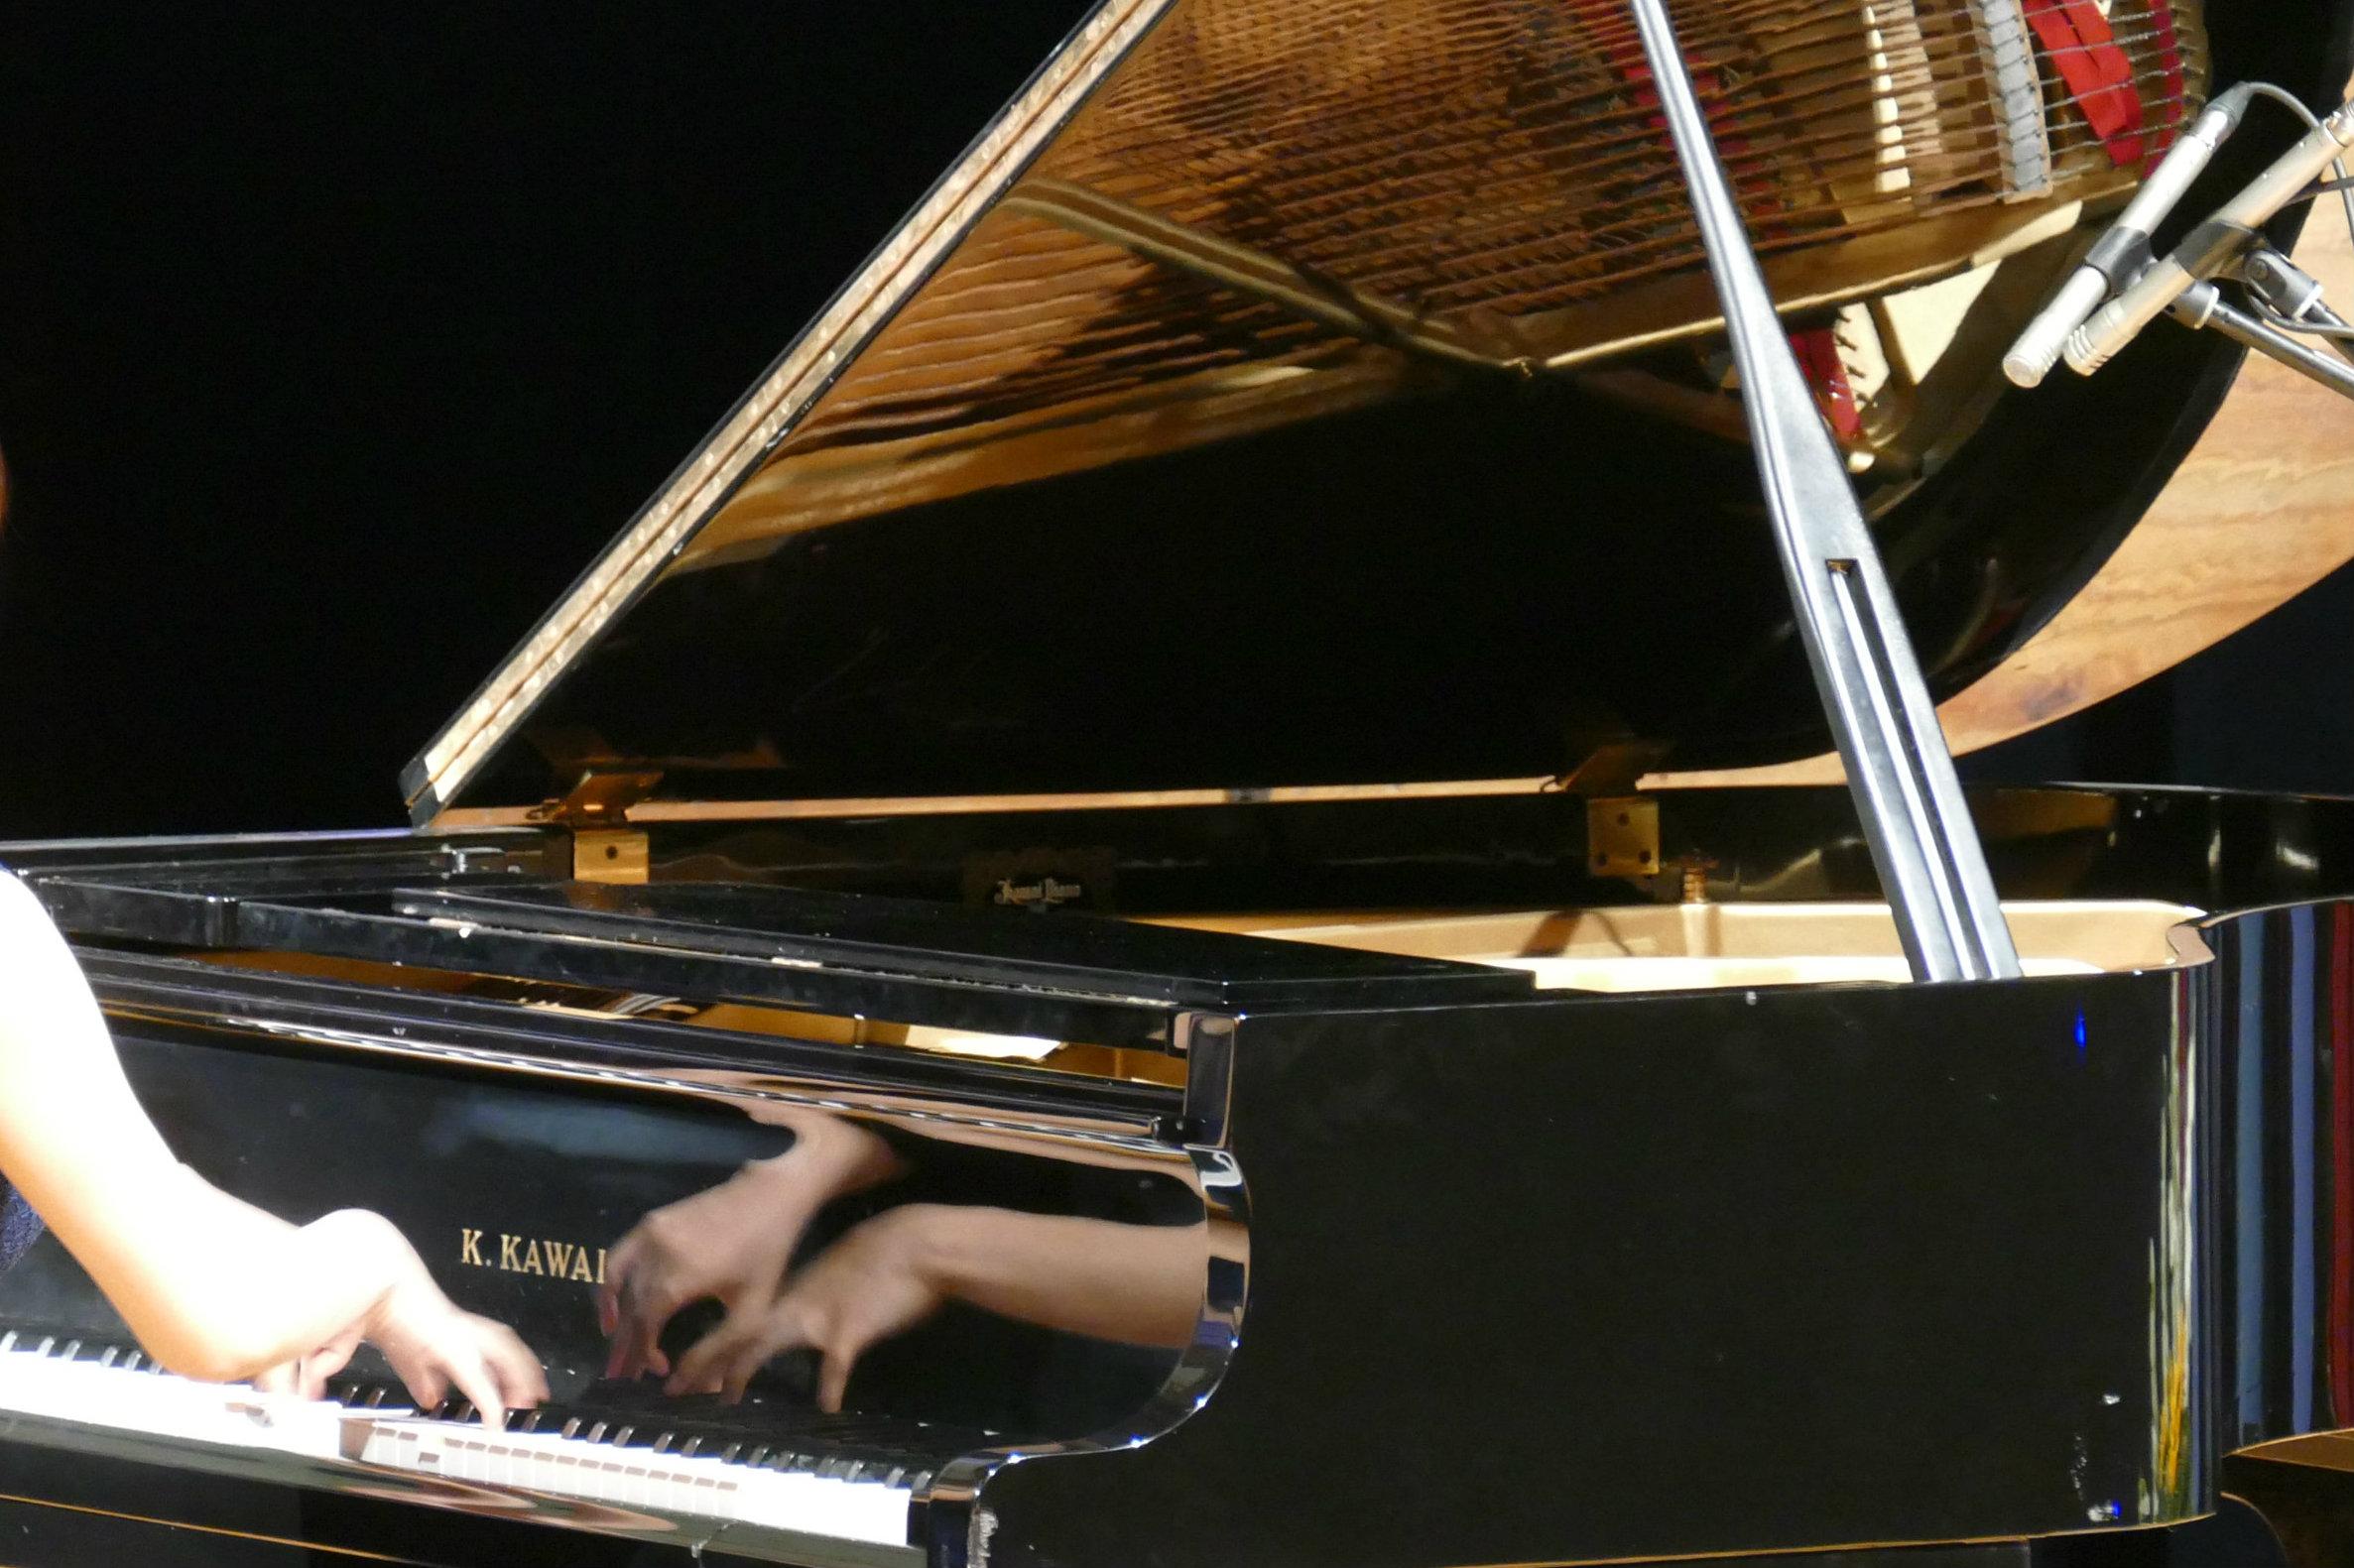 Szkoły muzyczne startują w tradycyjnej formie, choć nie brak modyfikacji w organizacji pracy